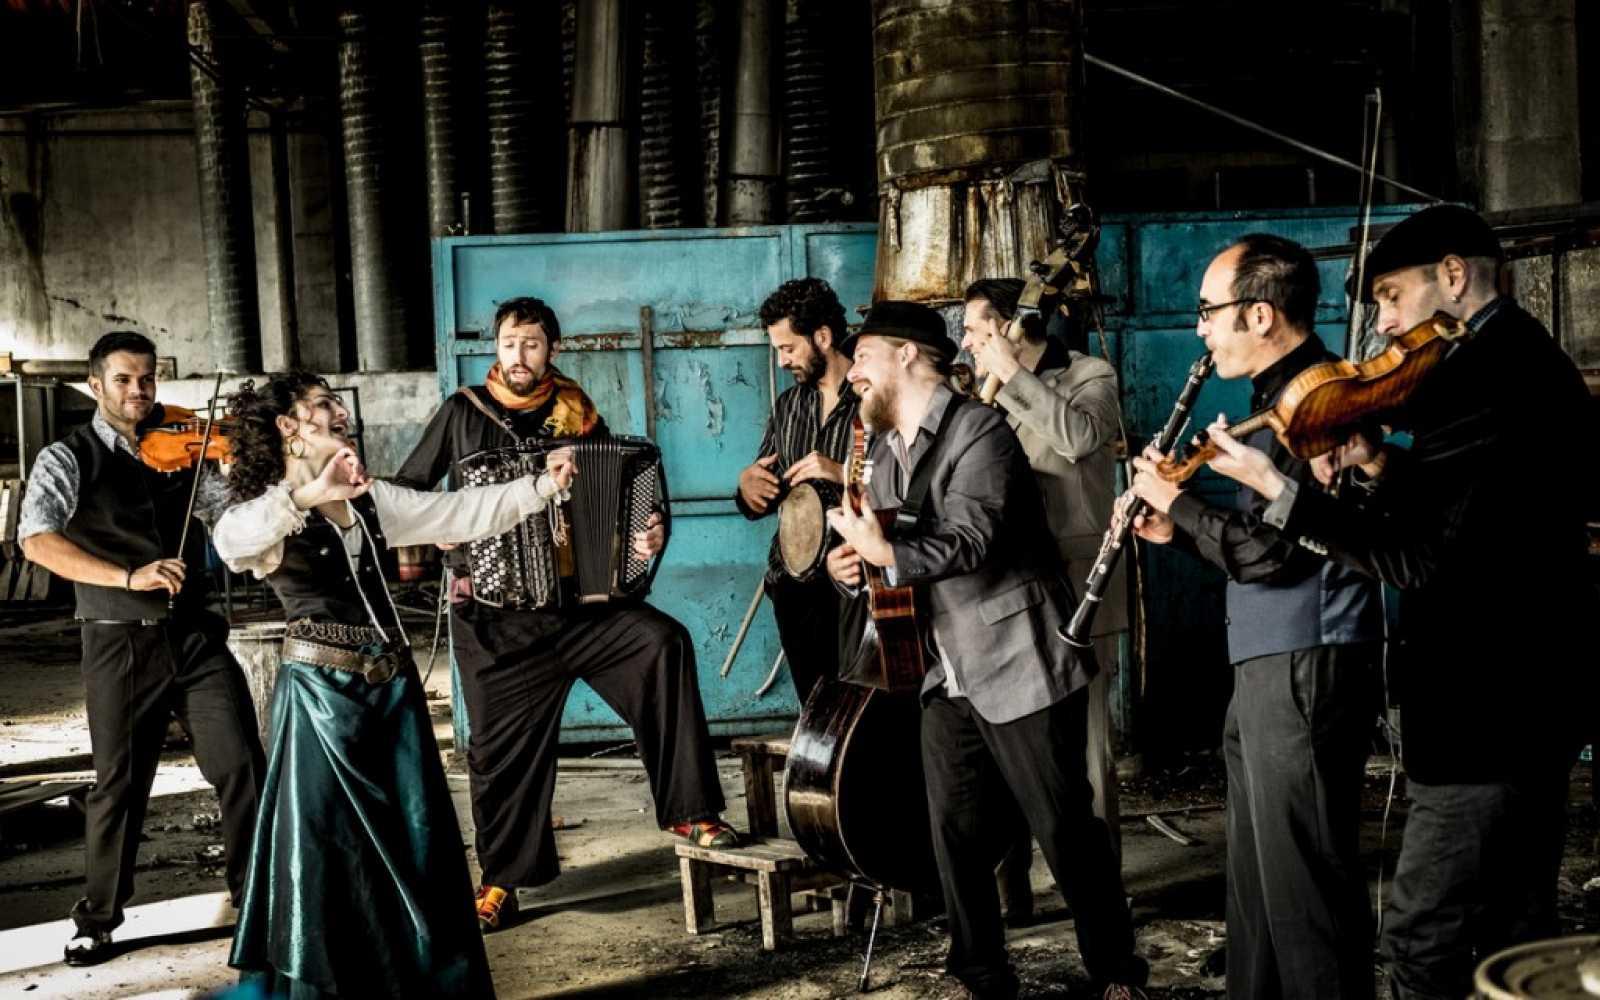 Tradicionàrius - Barcelona Gipsy Balkan Orchestra al Palau de la Música Catalana